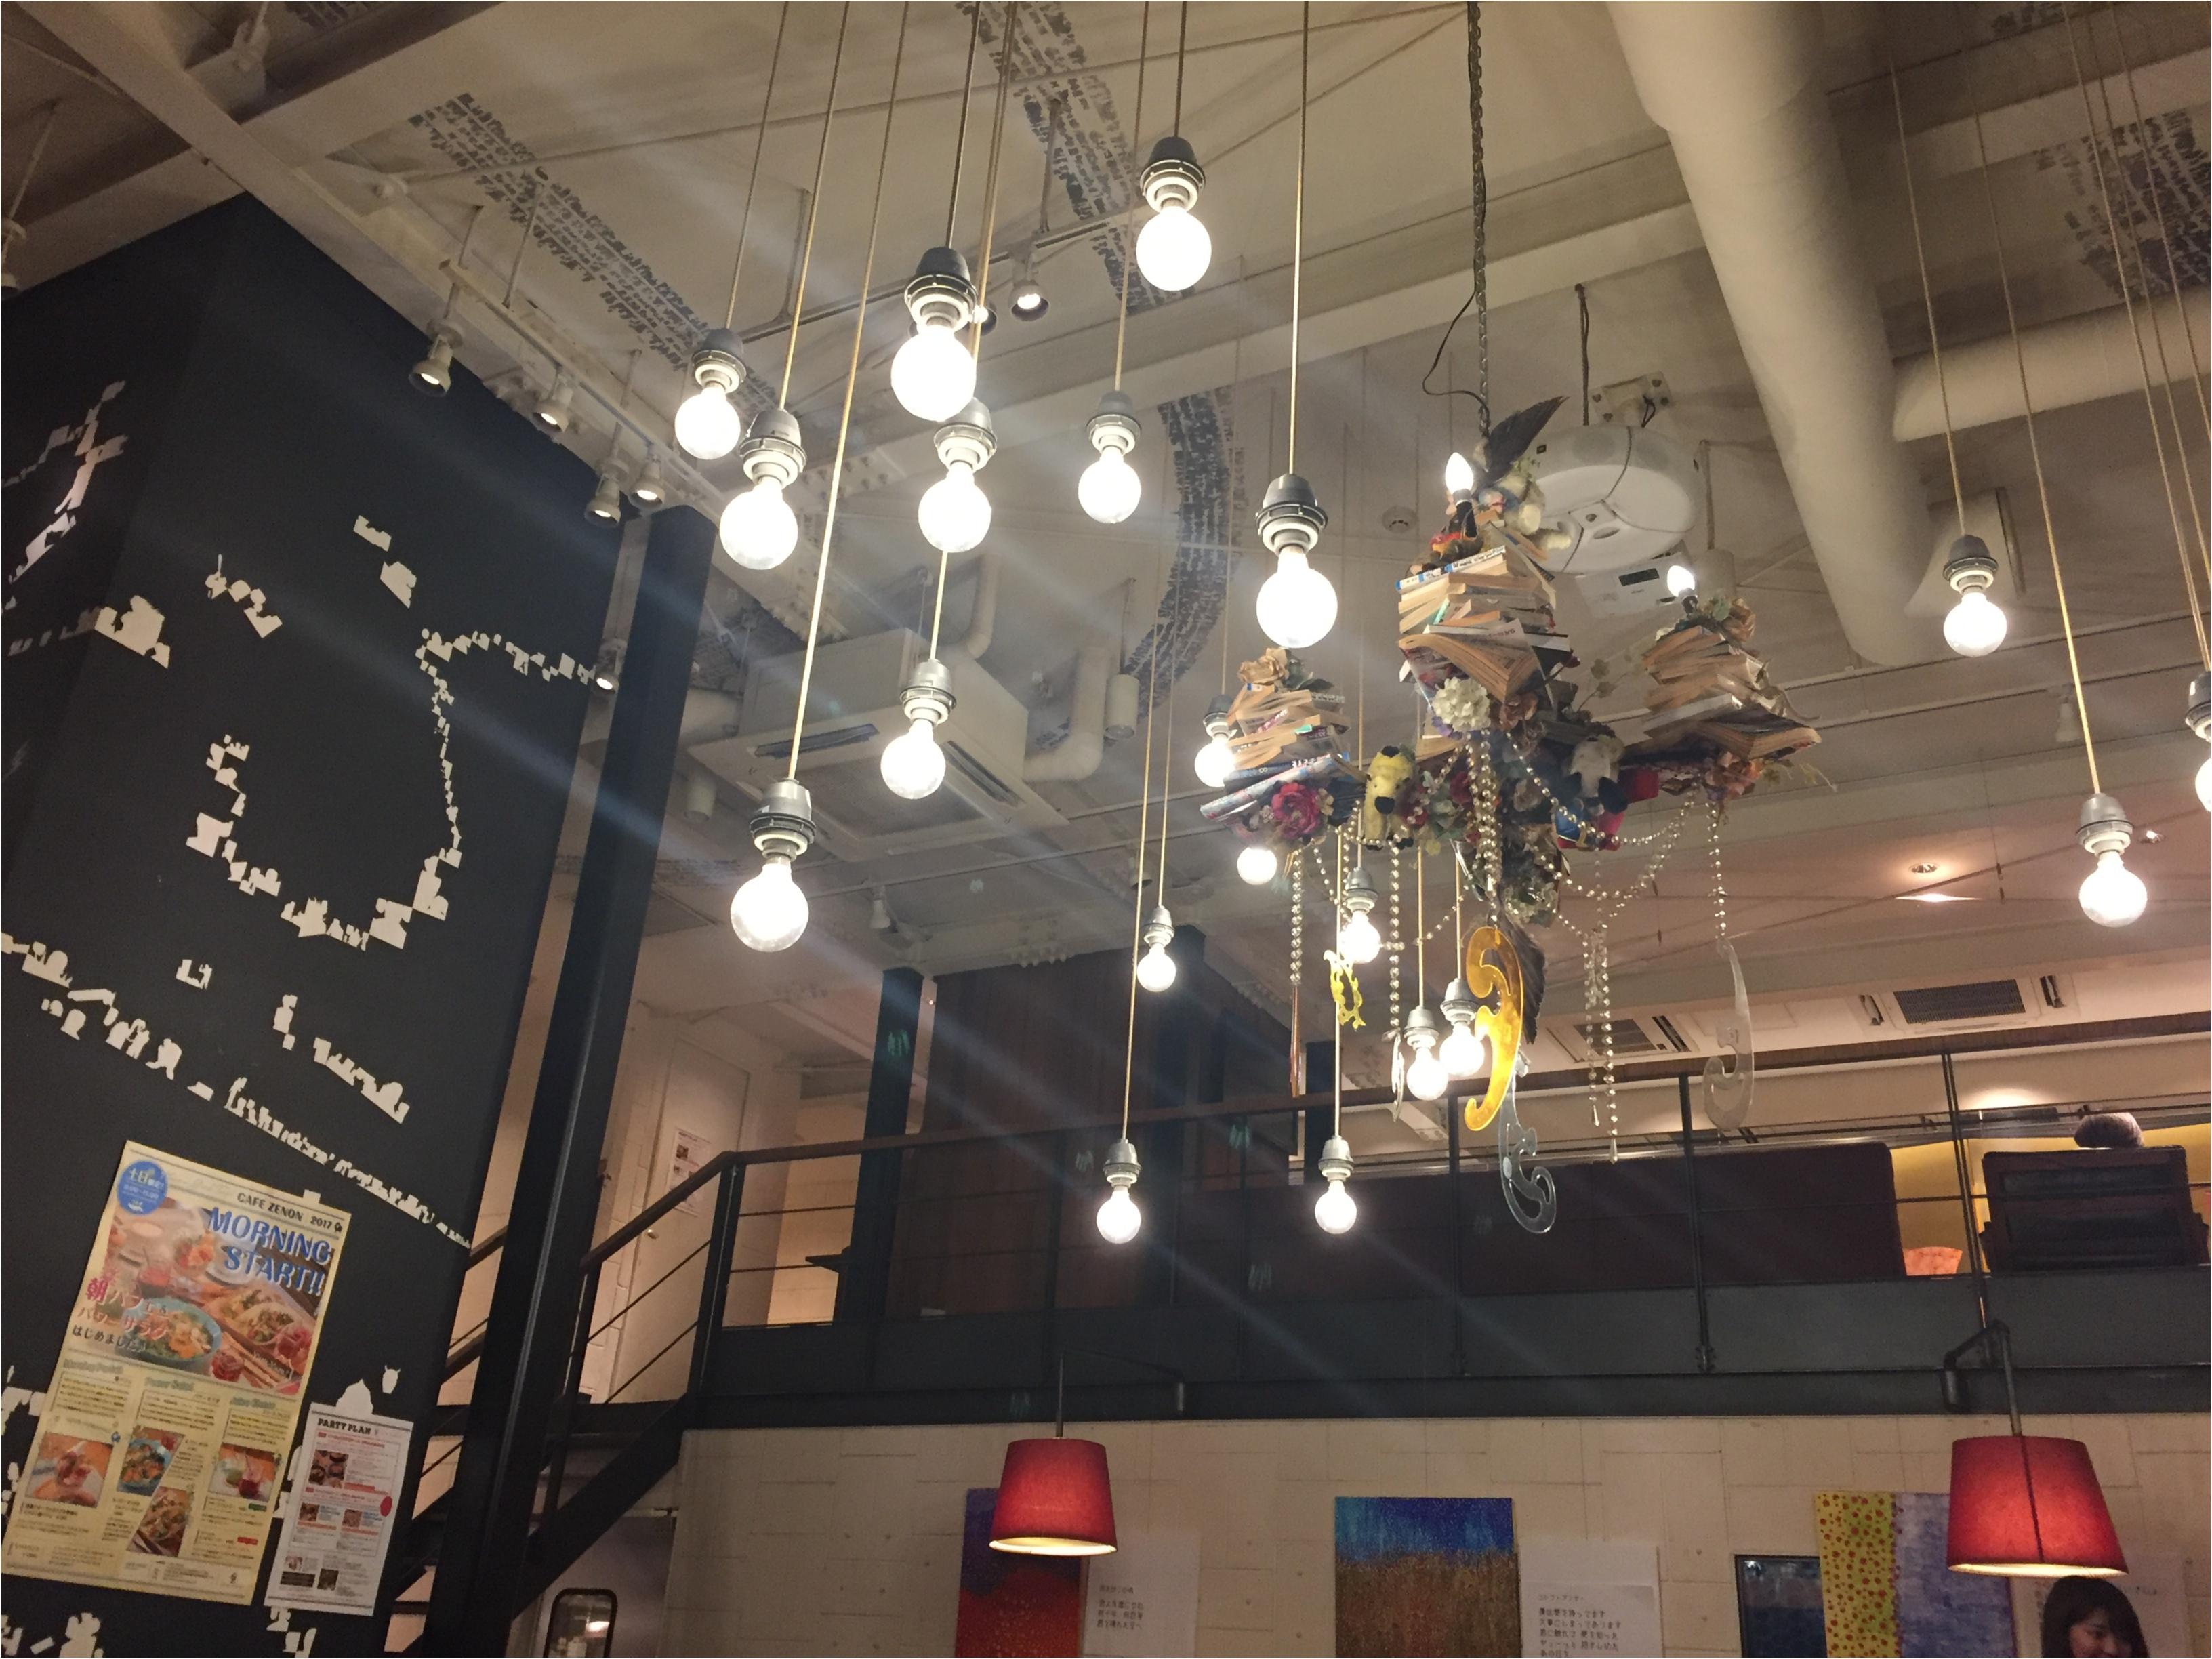 【吉祥寺/CAFE】漫画×アート×カフェ? 個性的な空間が生み出す居心地の良さおすすめです!_2